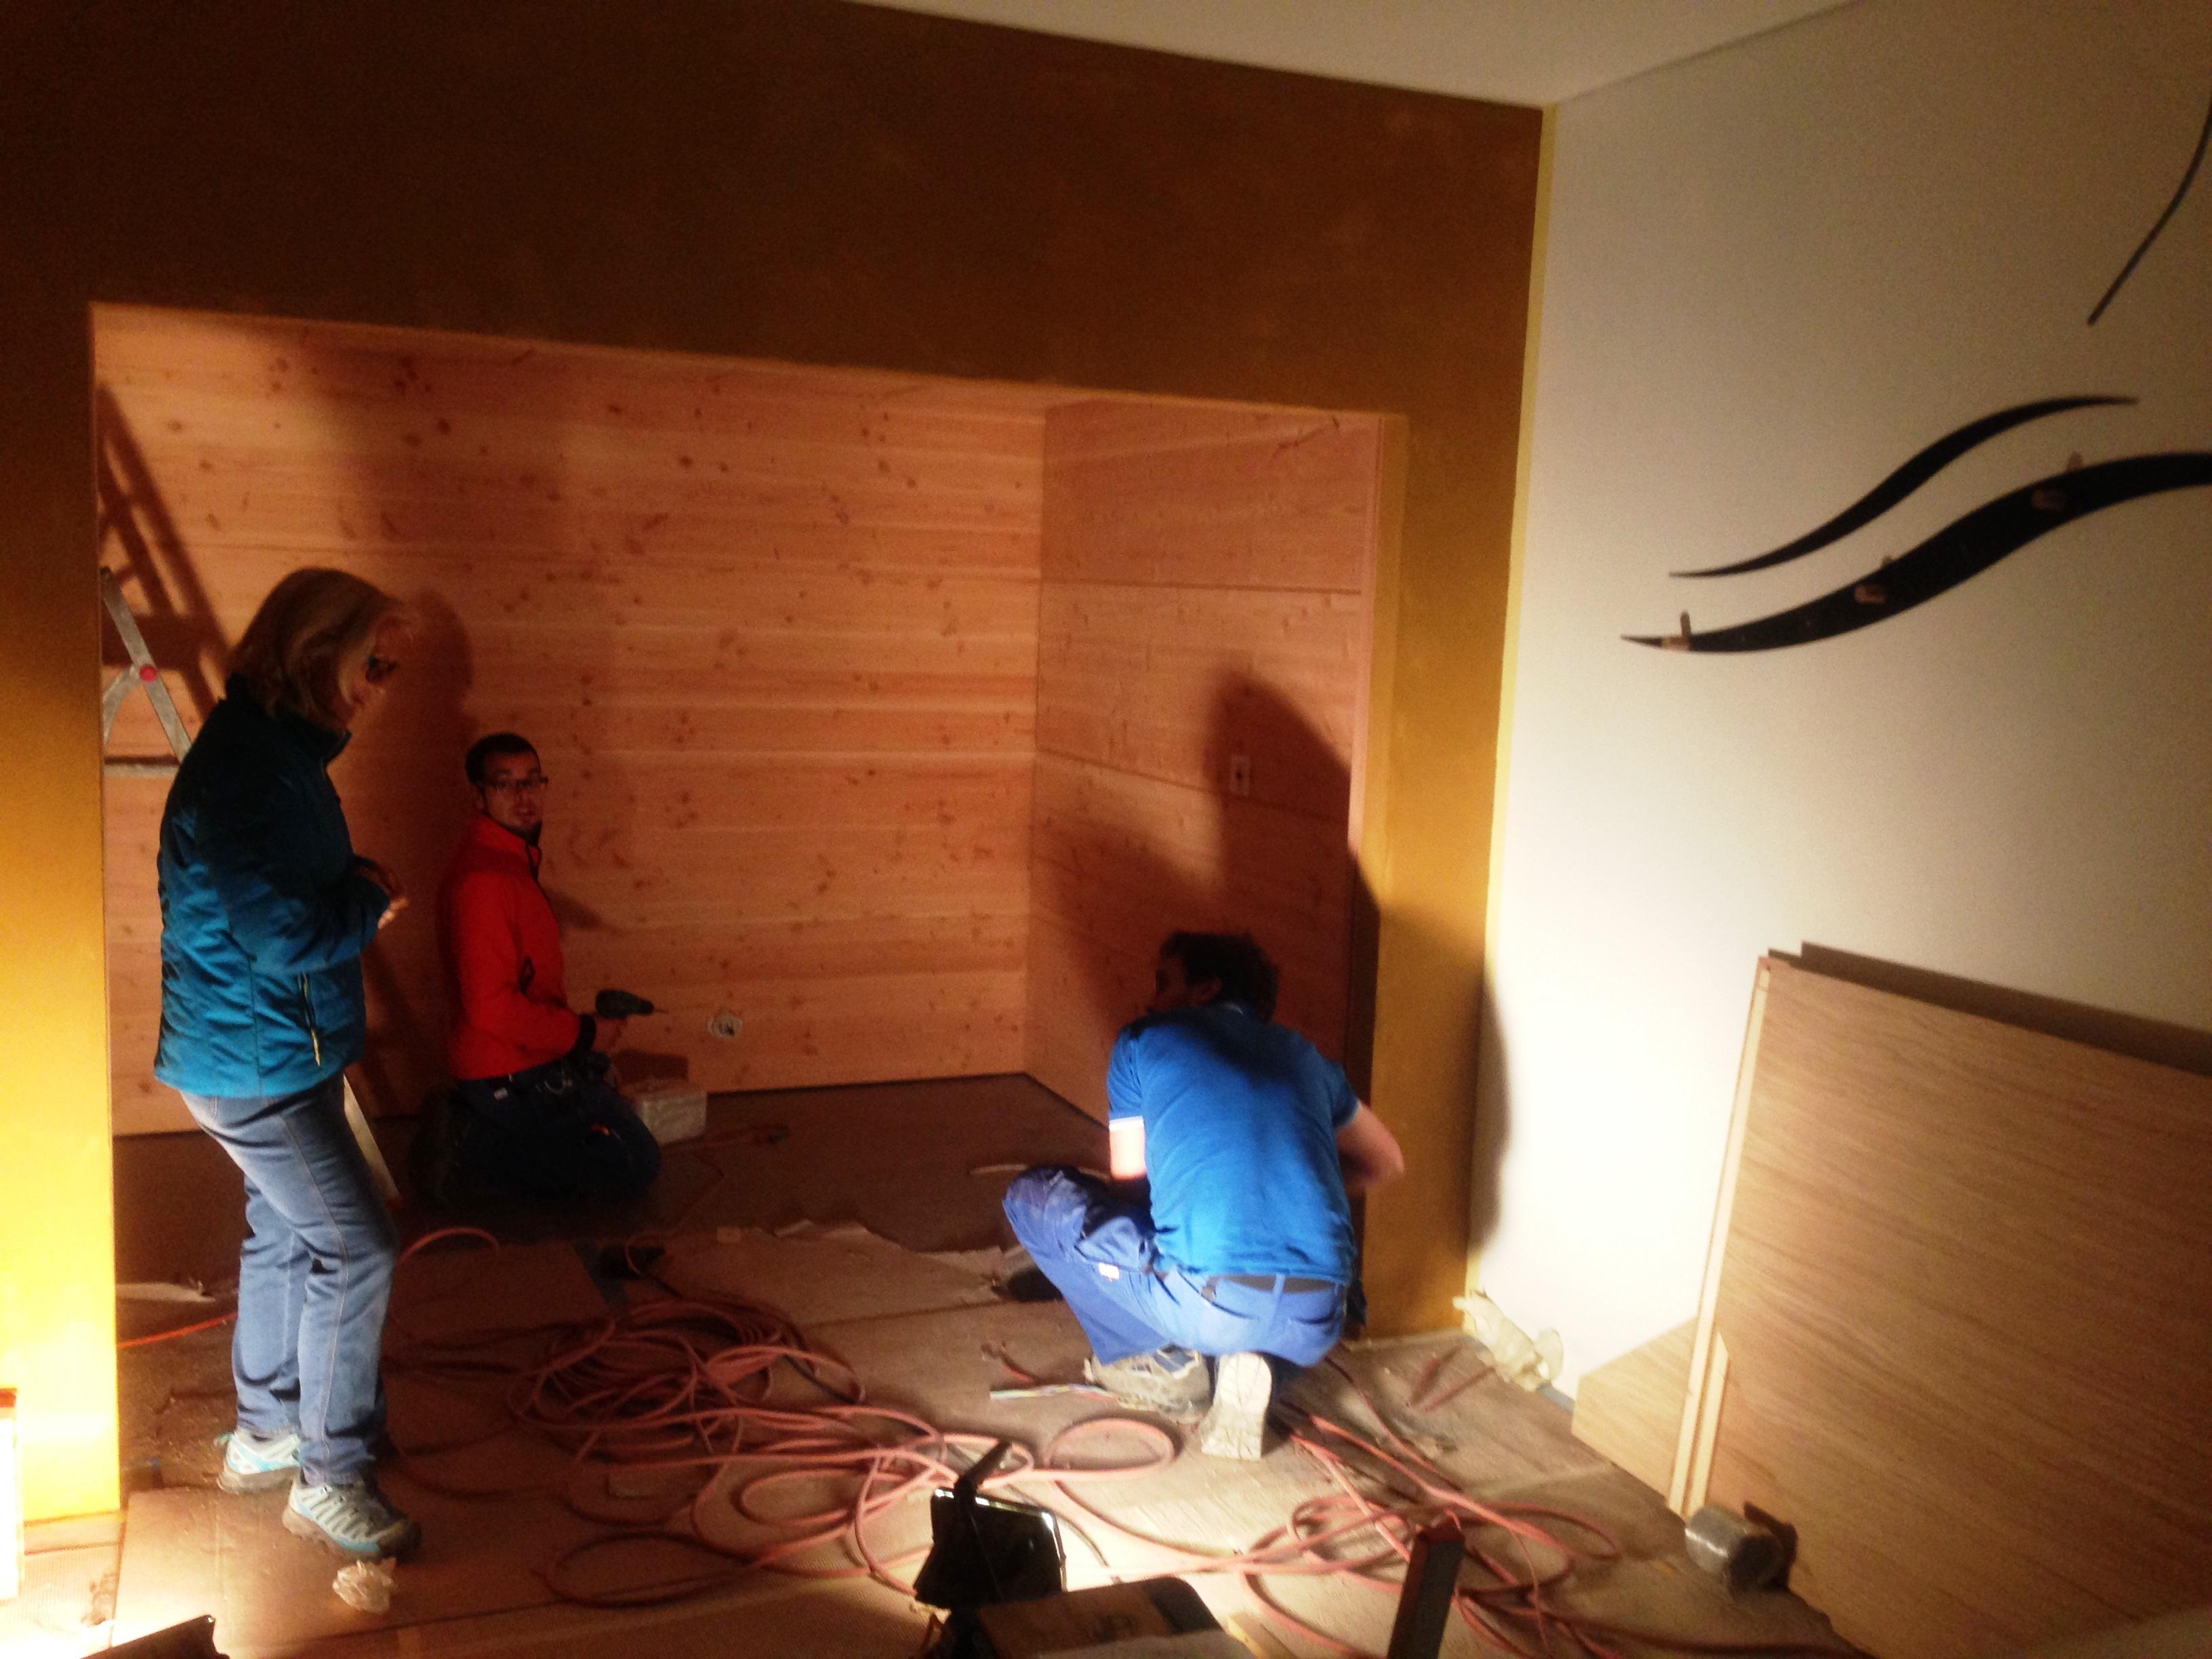 Die neue Finnische Sauna wird montiert... Frau De Carli ist immer vor Ort und motiviert die Jungs...